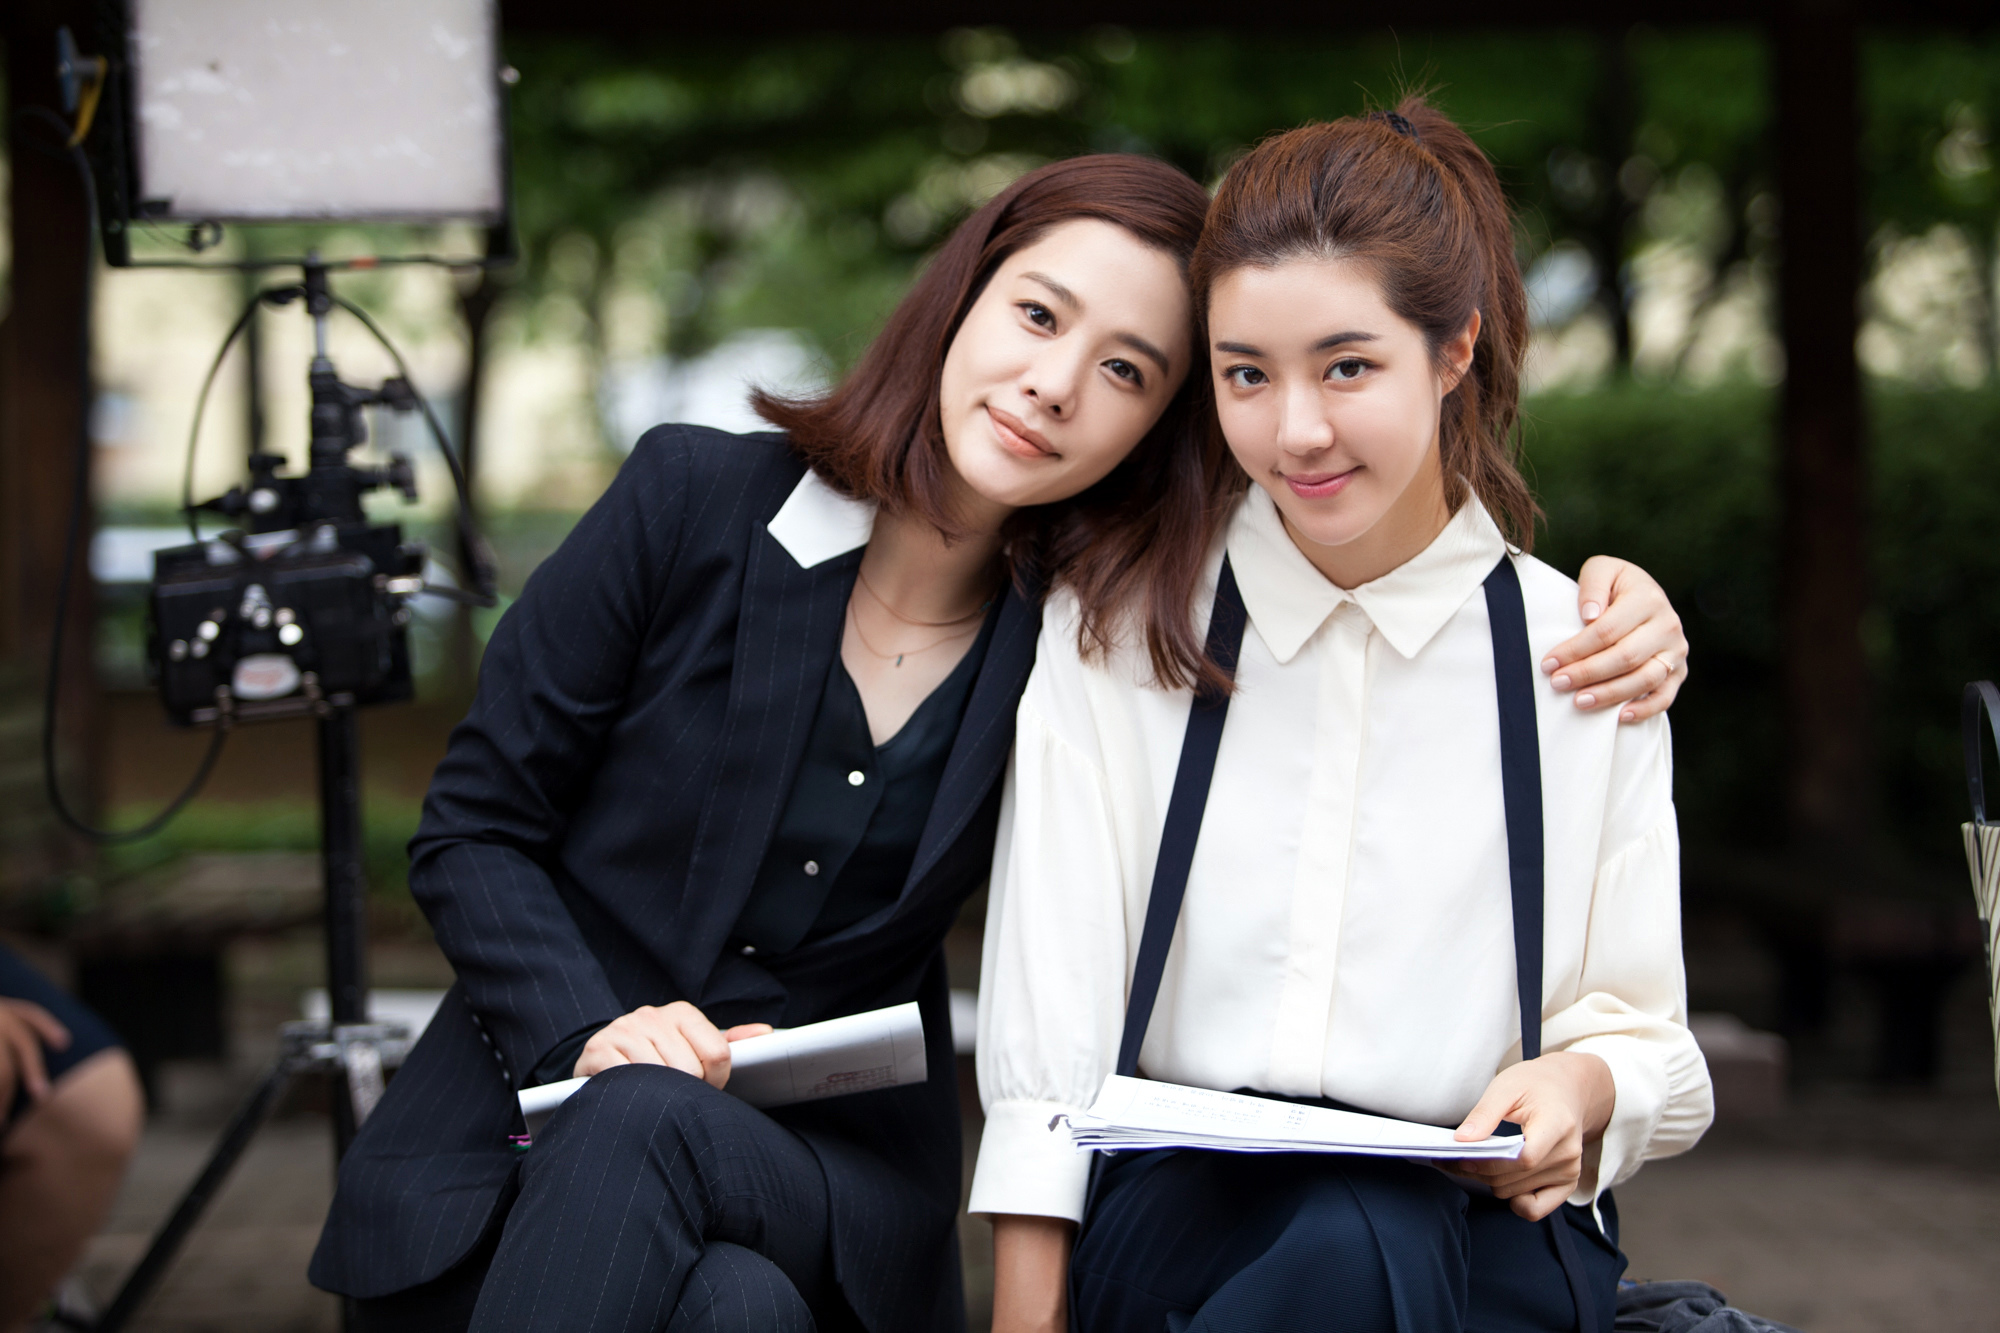 《我有愛人》曝片場照 金賢珠朴寒星親密合影 _3